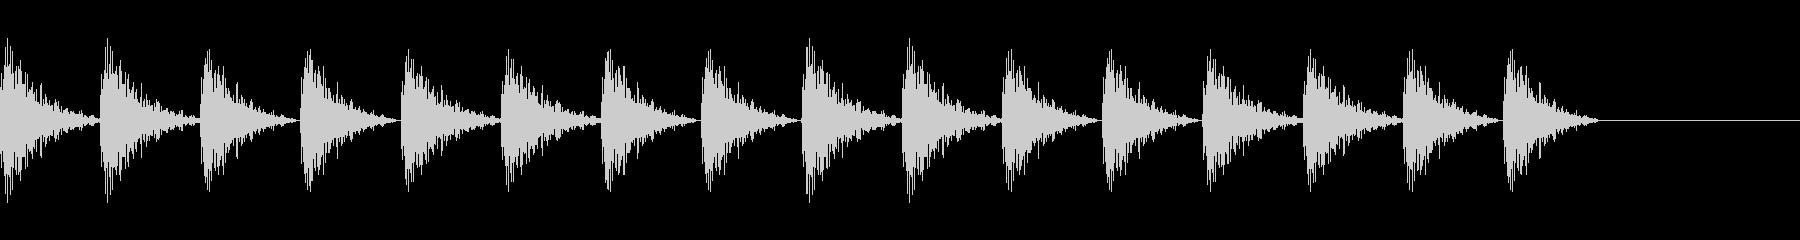 どんどん(巨人、速歩き)A18の未再生の波形